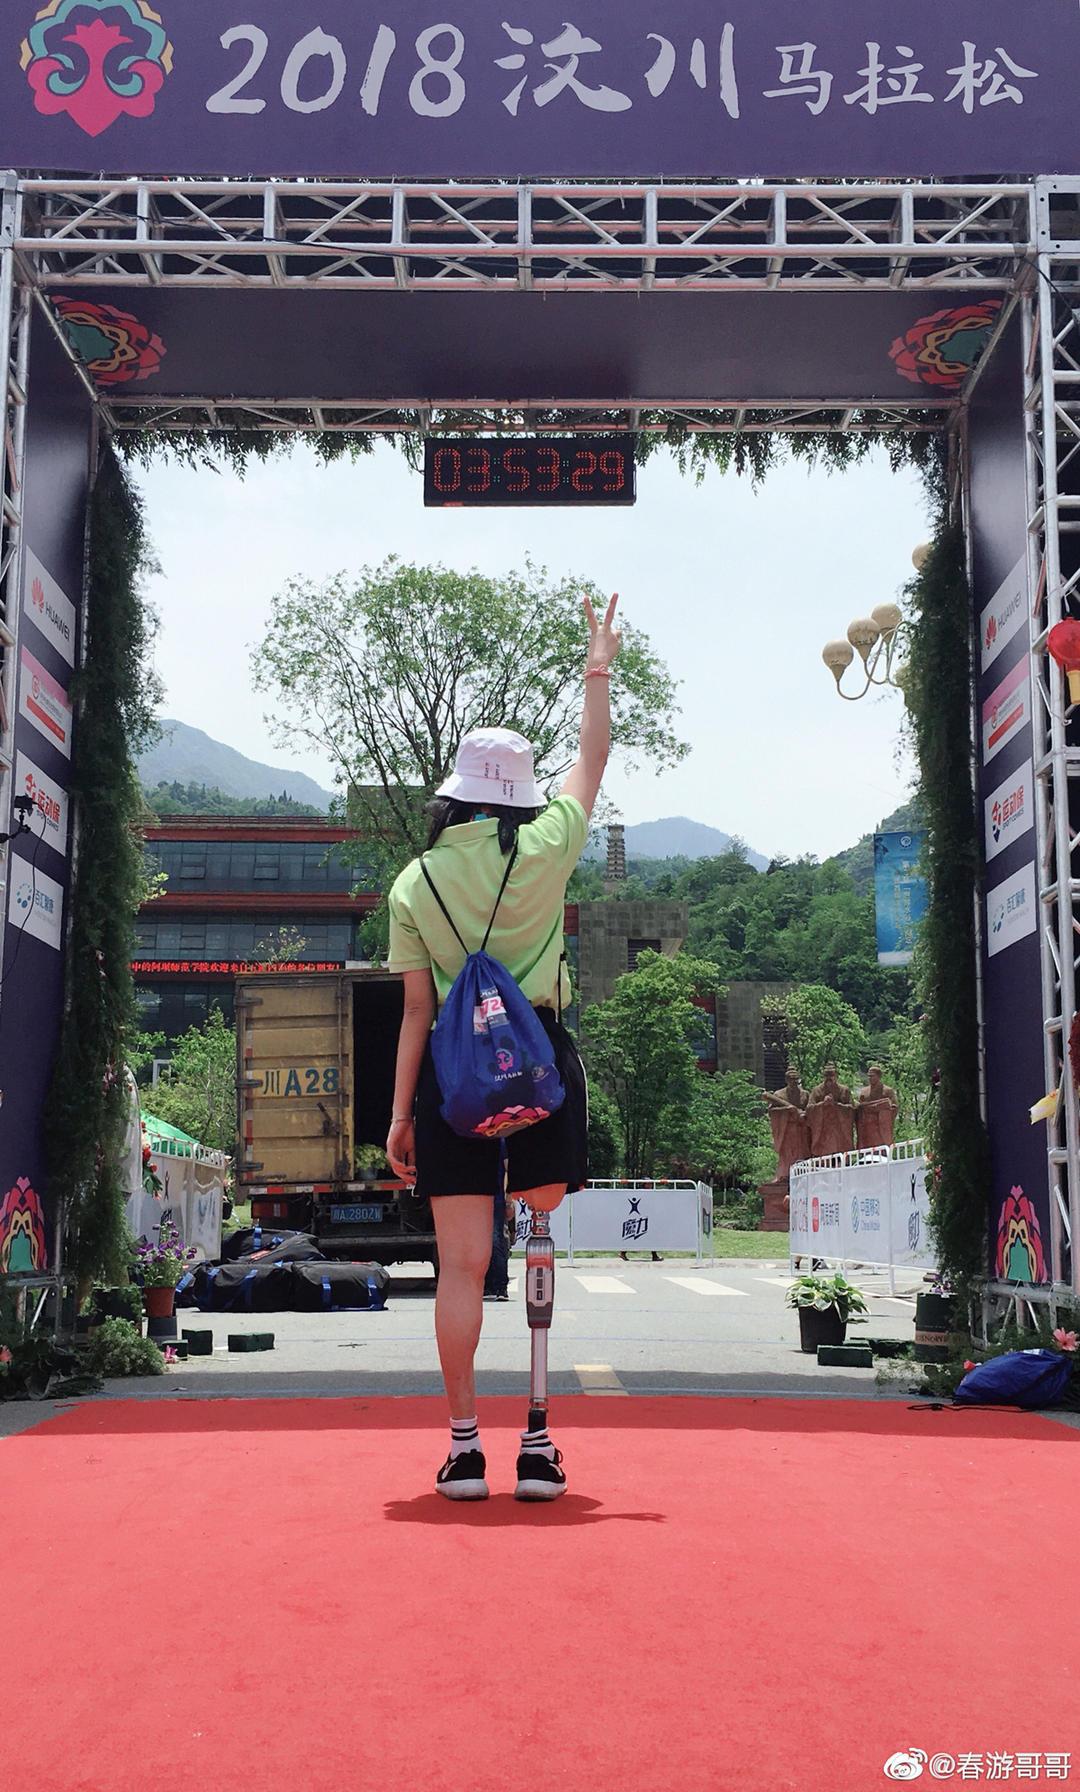 参加汶川马拉松的牛钰。图据微博